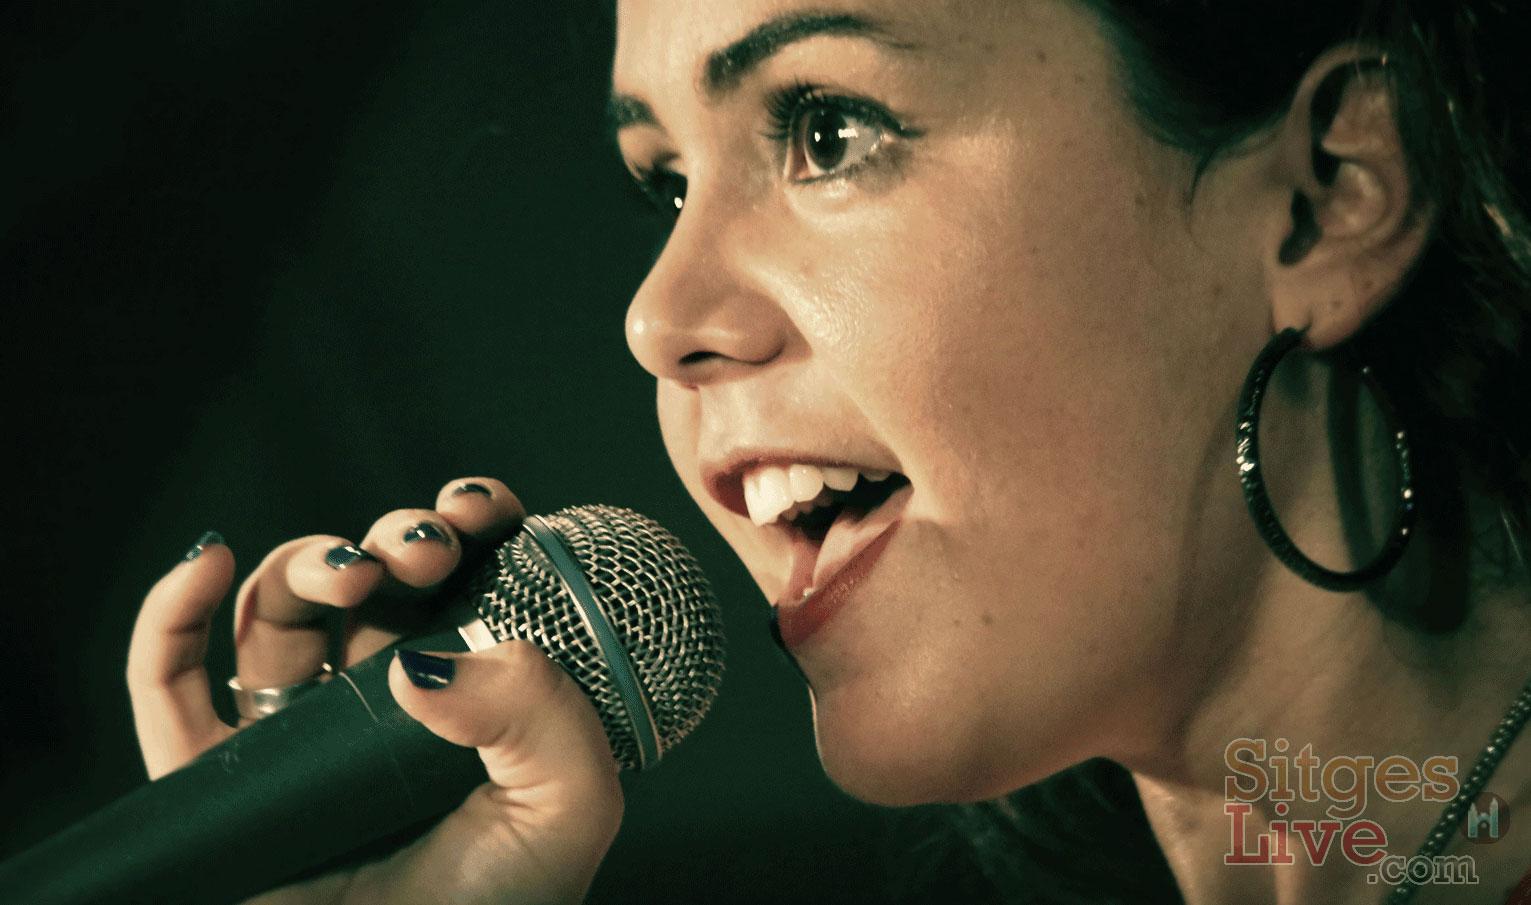 Solo Female Singer - Sitges Barcelona